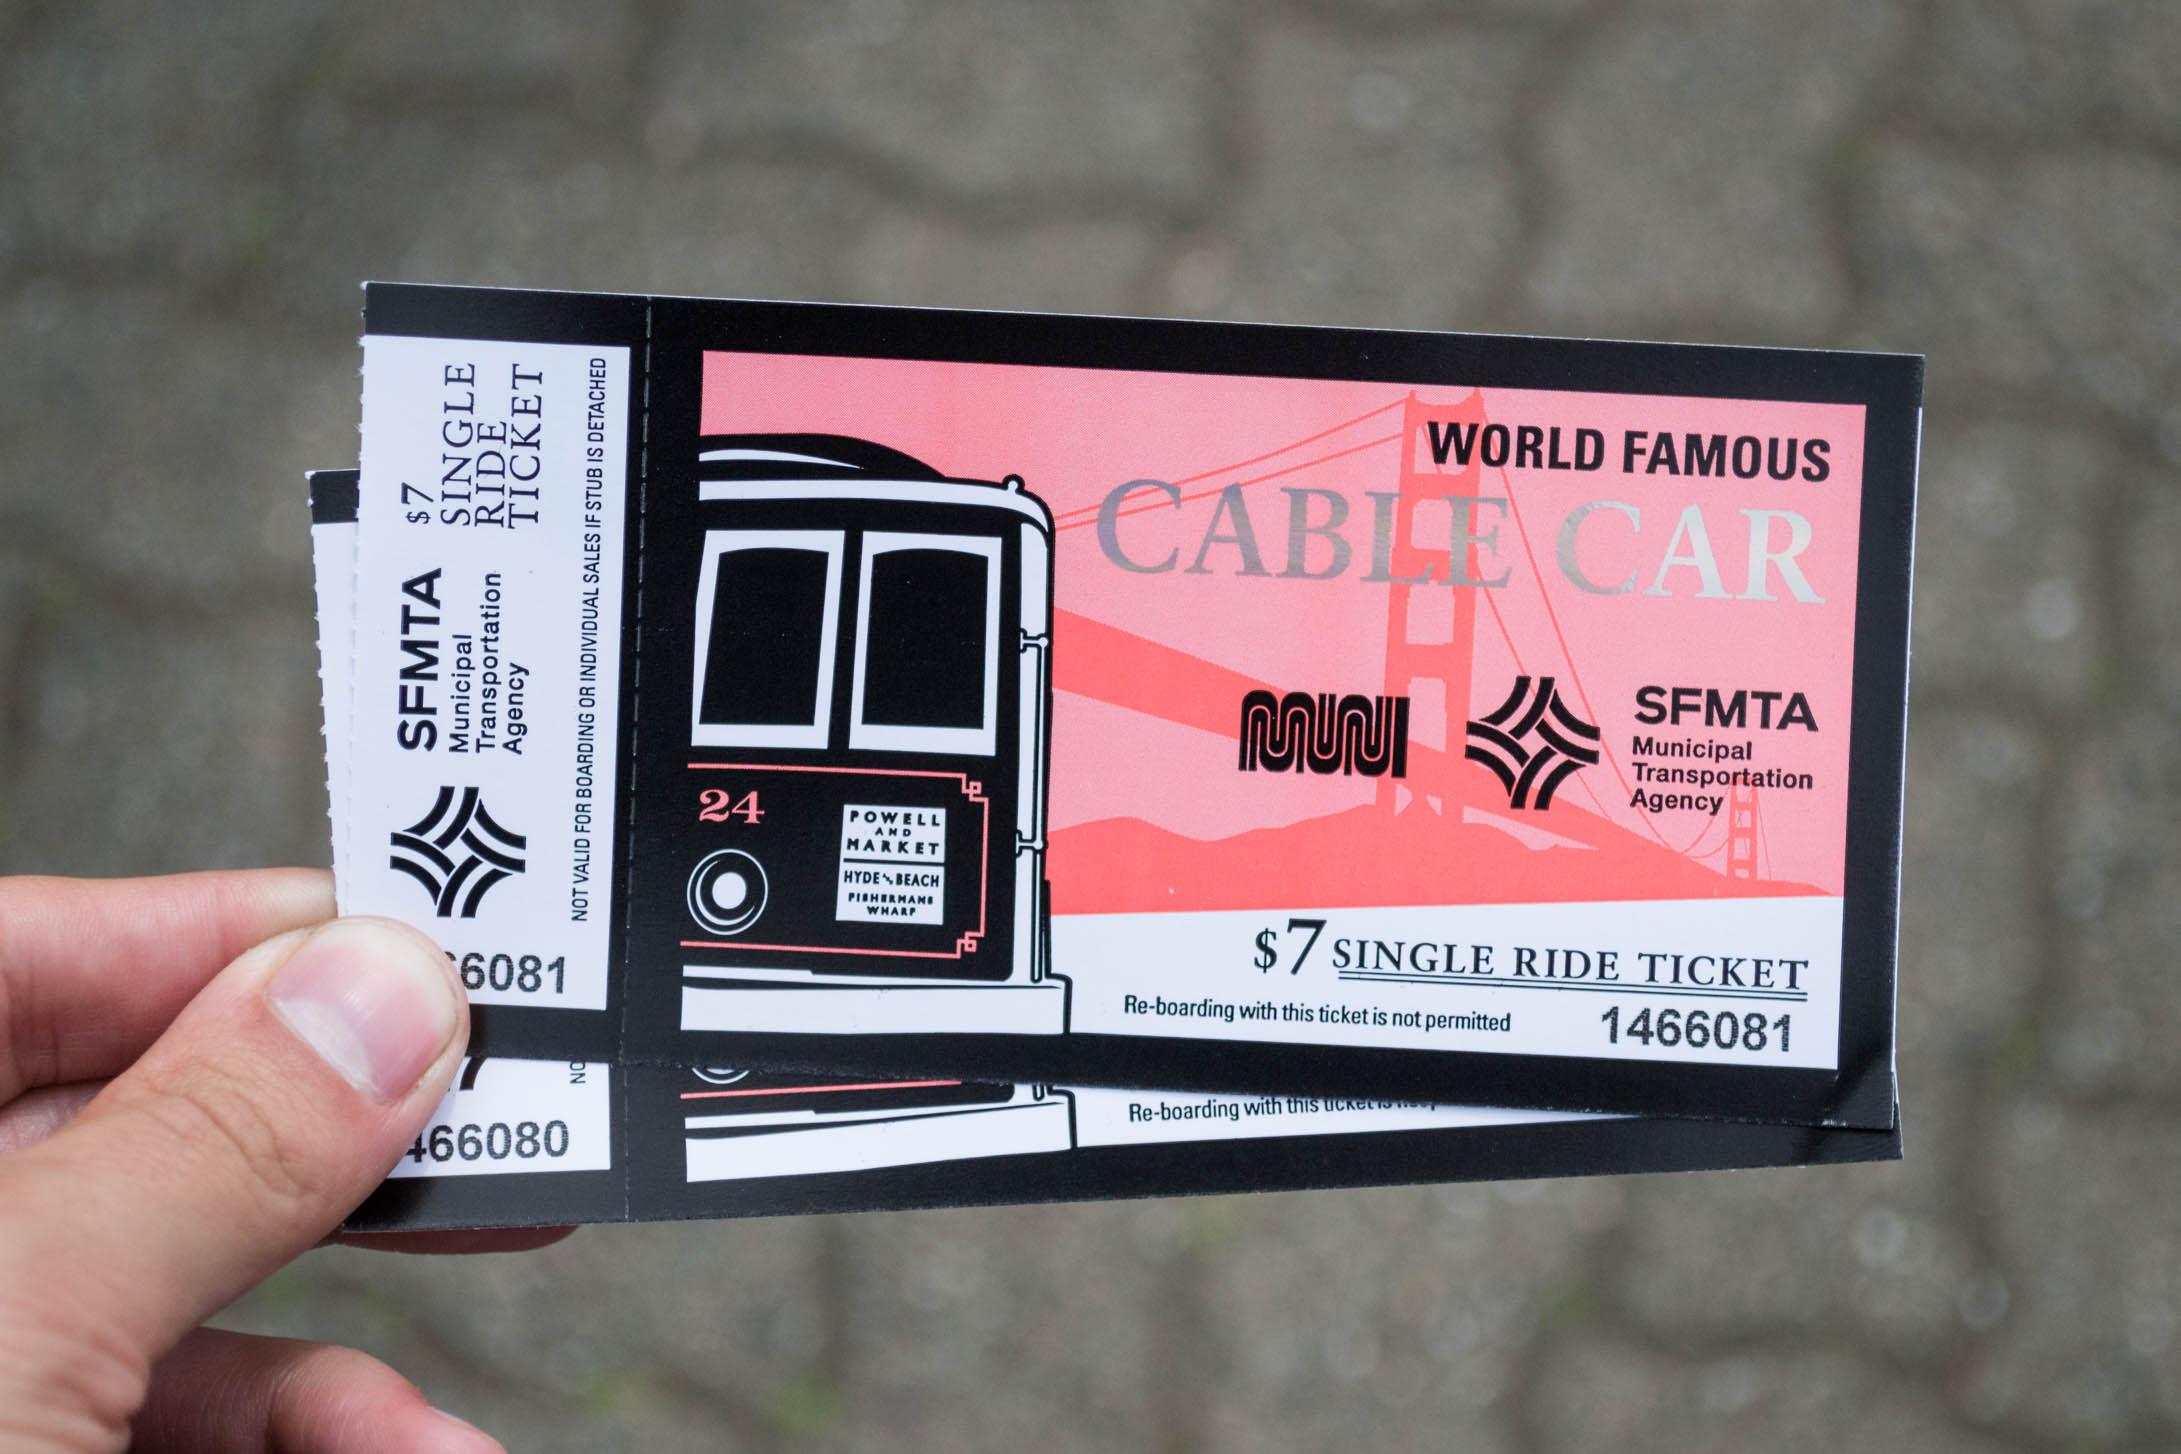 Les tickets du Cable Car sont carrément stylés